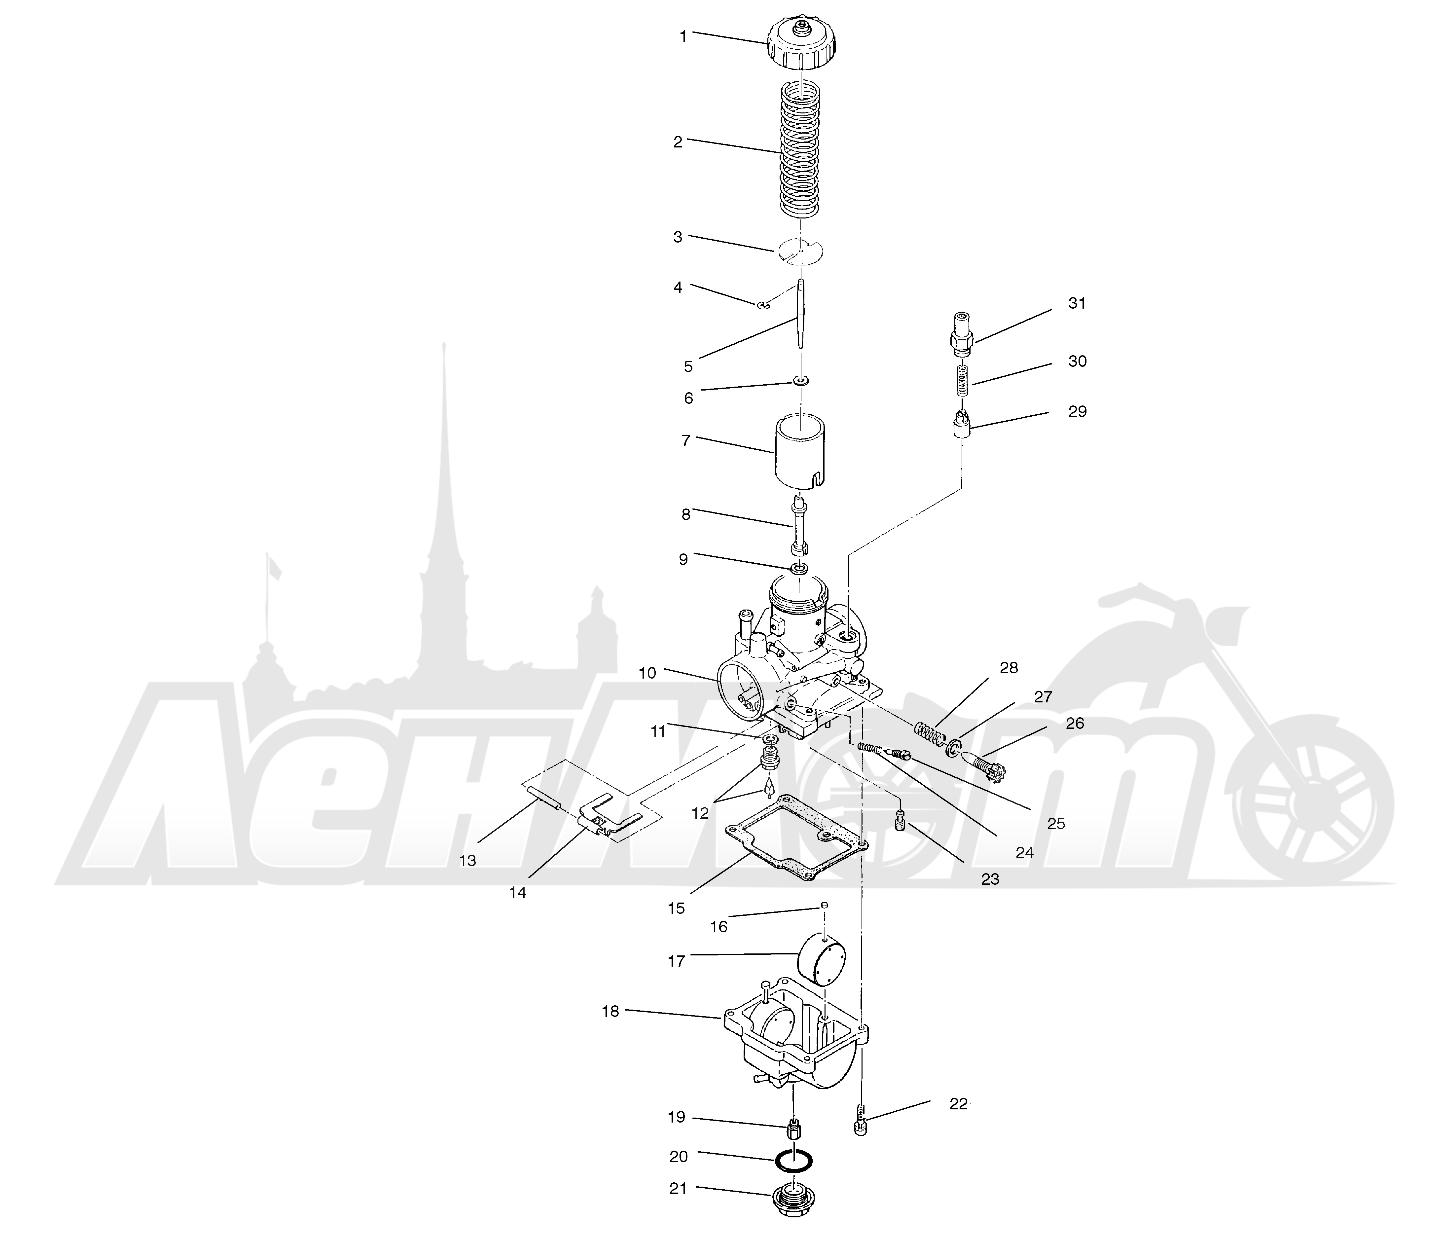 Запчасти для Квадроцикла Polaris 1996 SPORT 400L - W968540 Раздел: CARBURETOR (SPORT) - W968540 | карбюратор (спорт) W968540